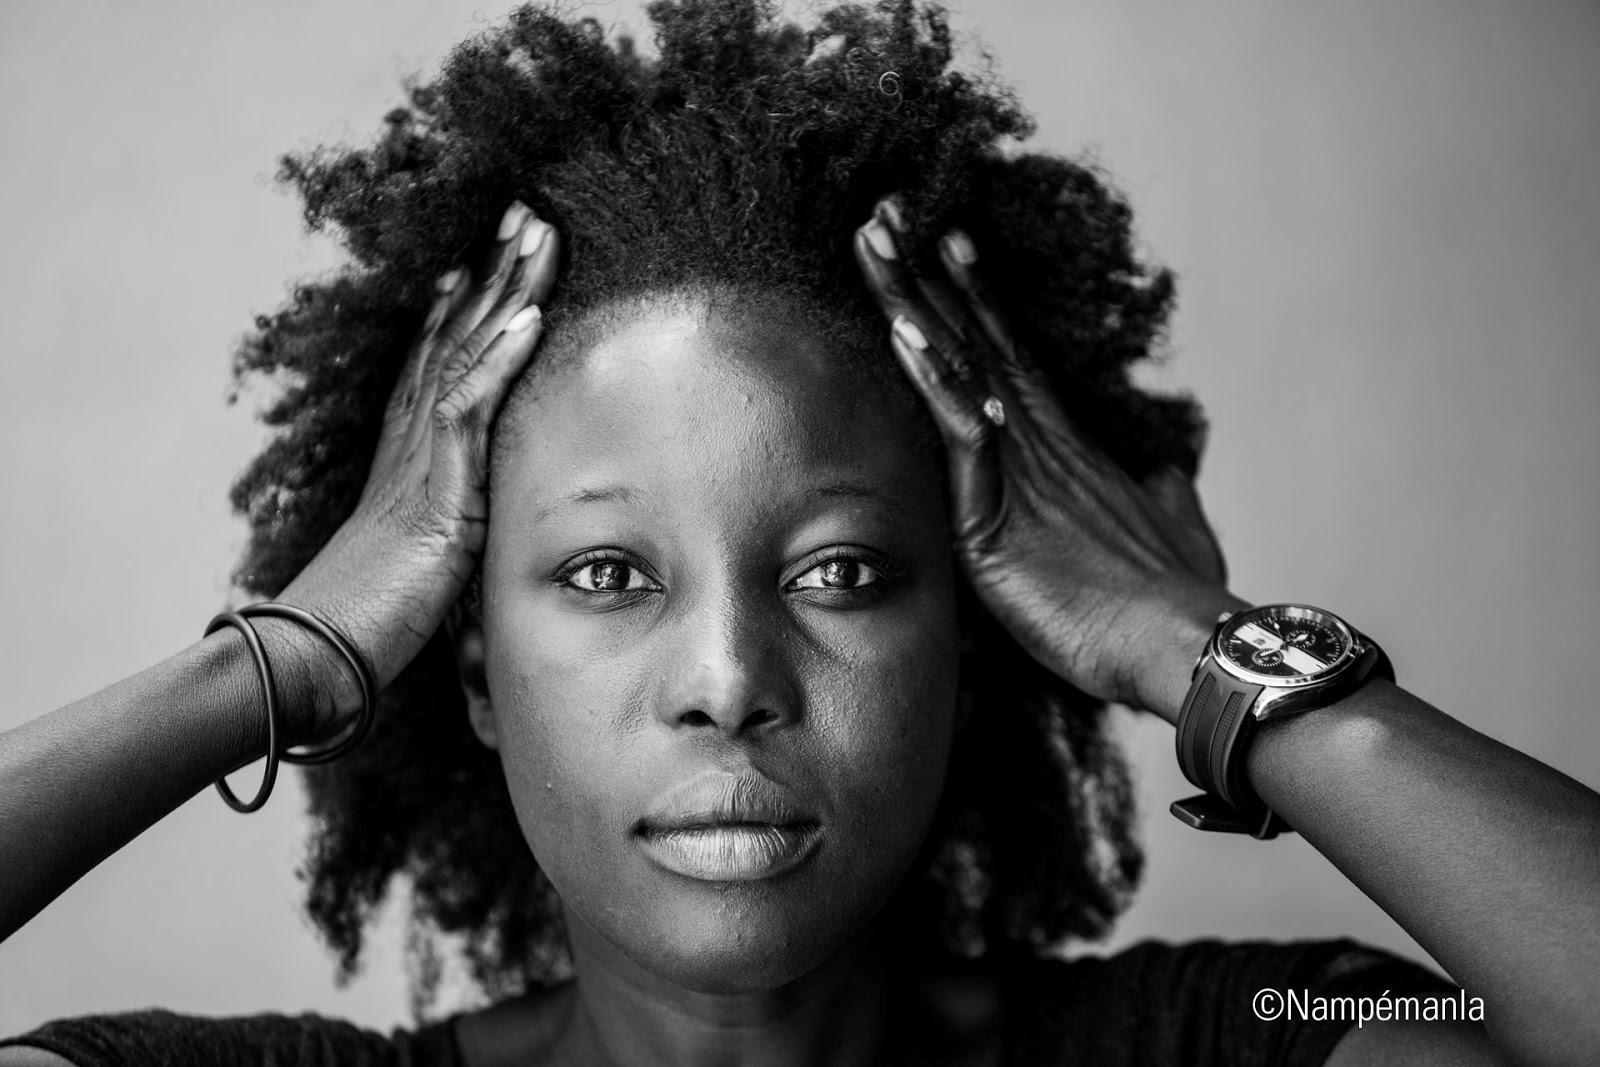 femme recherche photographe